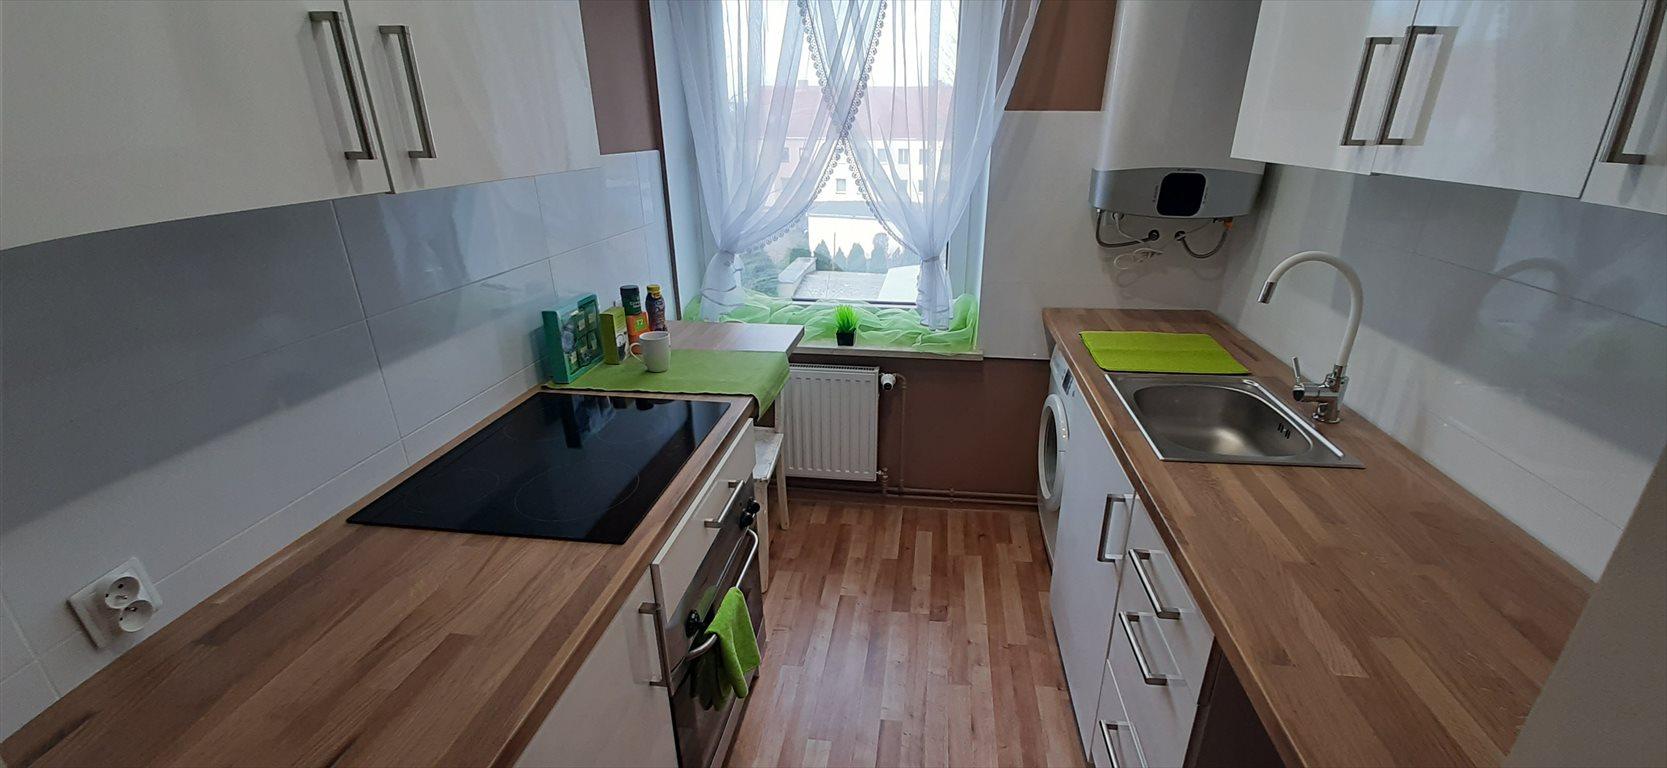 Mieszkanie trzypokojowe na sprzedaż Gliwice, Łabędy, Wolnosci  49m2 Foto 1